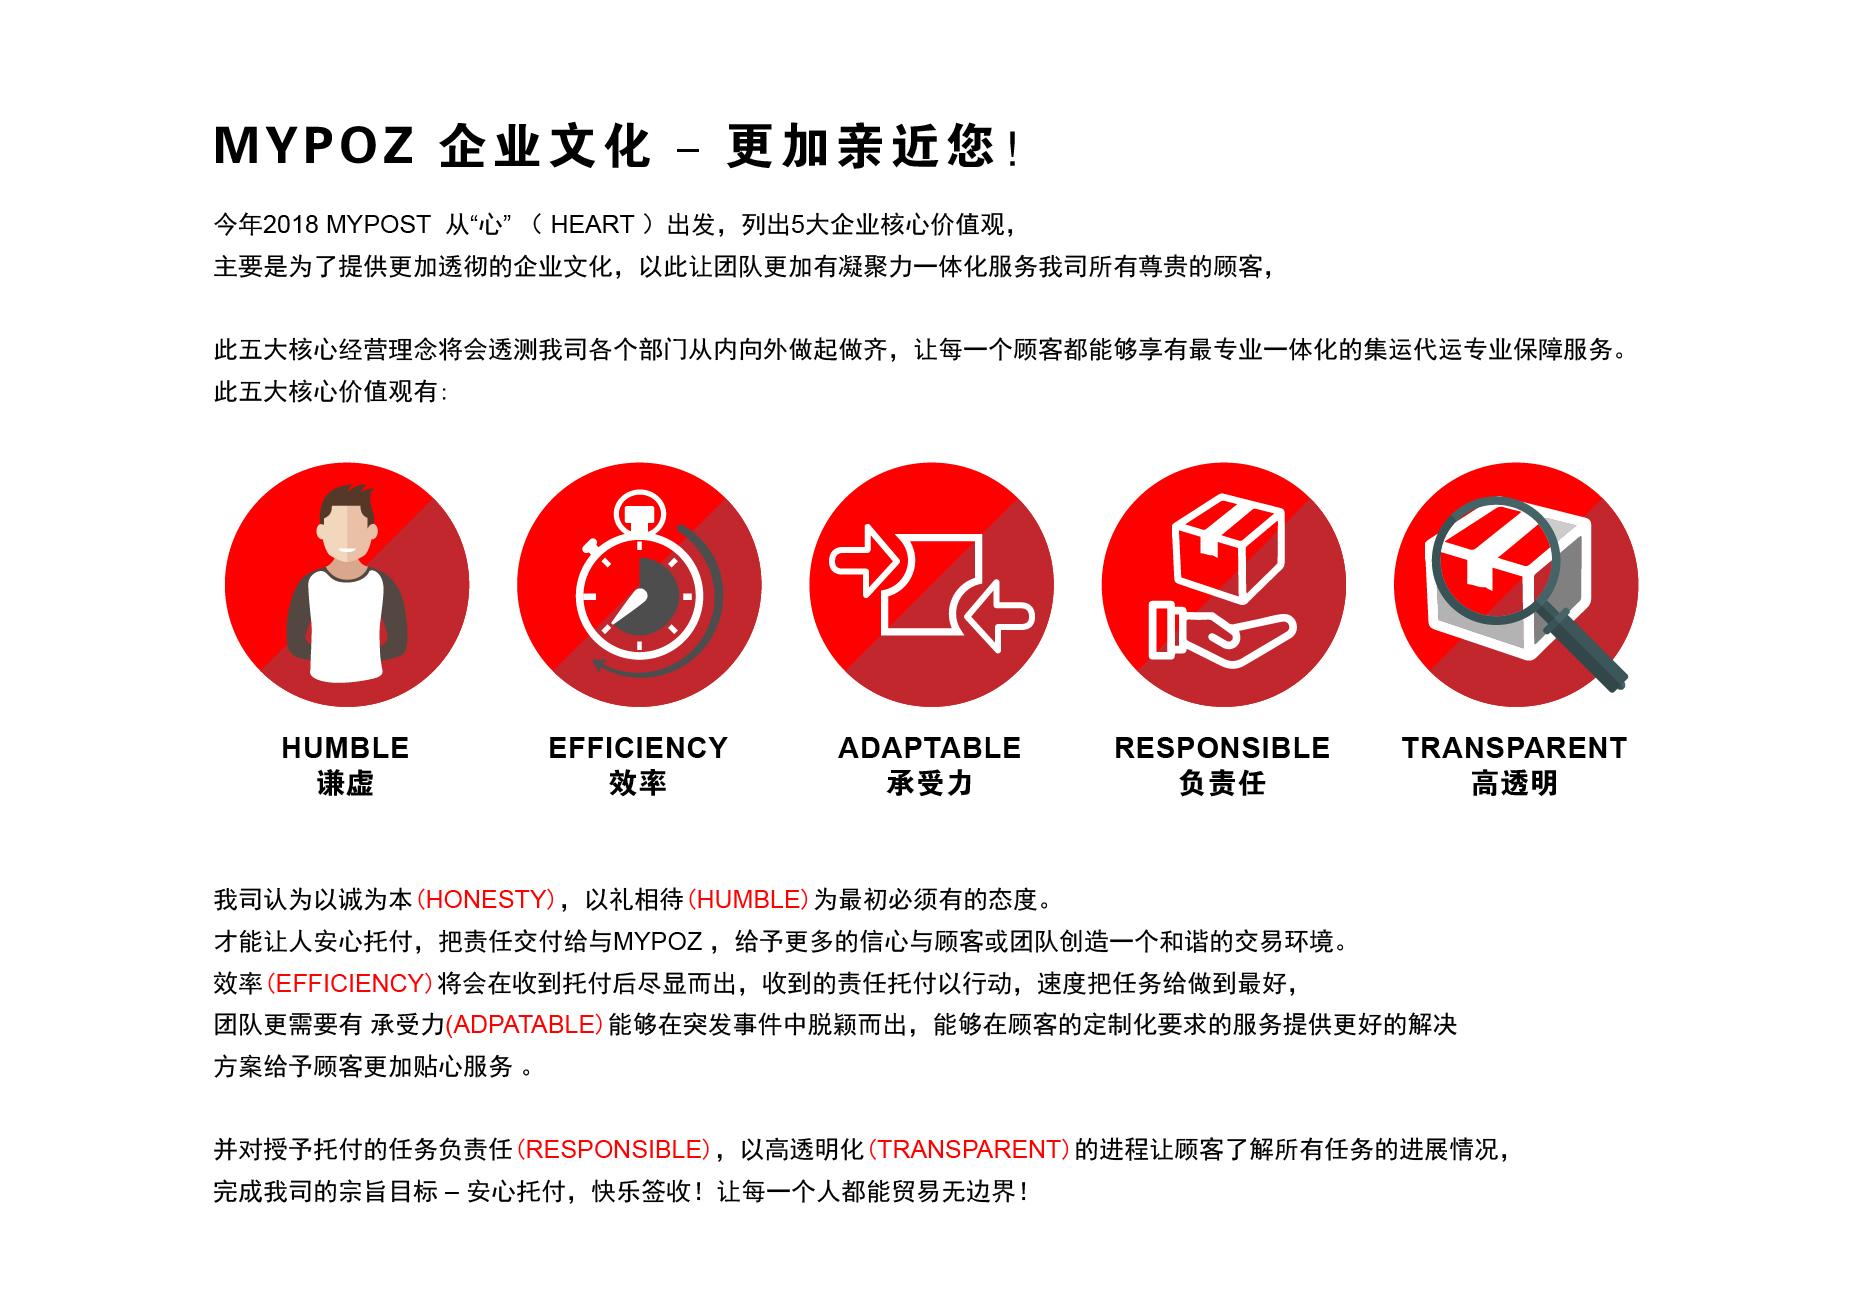 MYPOZ企业文化